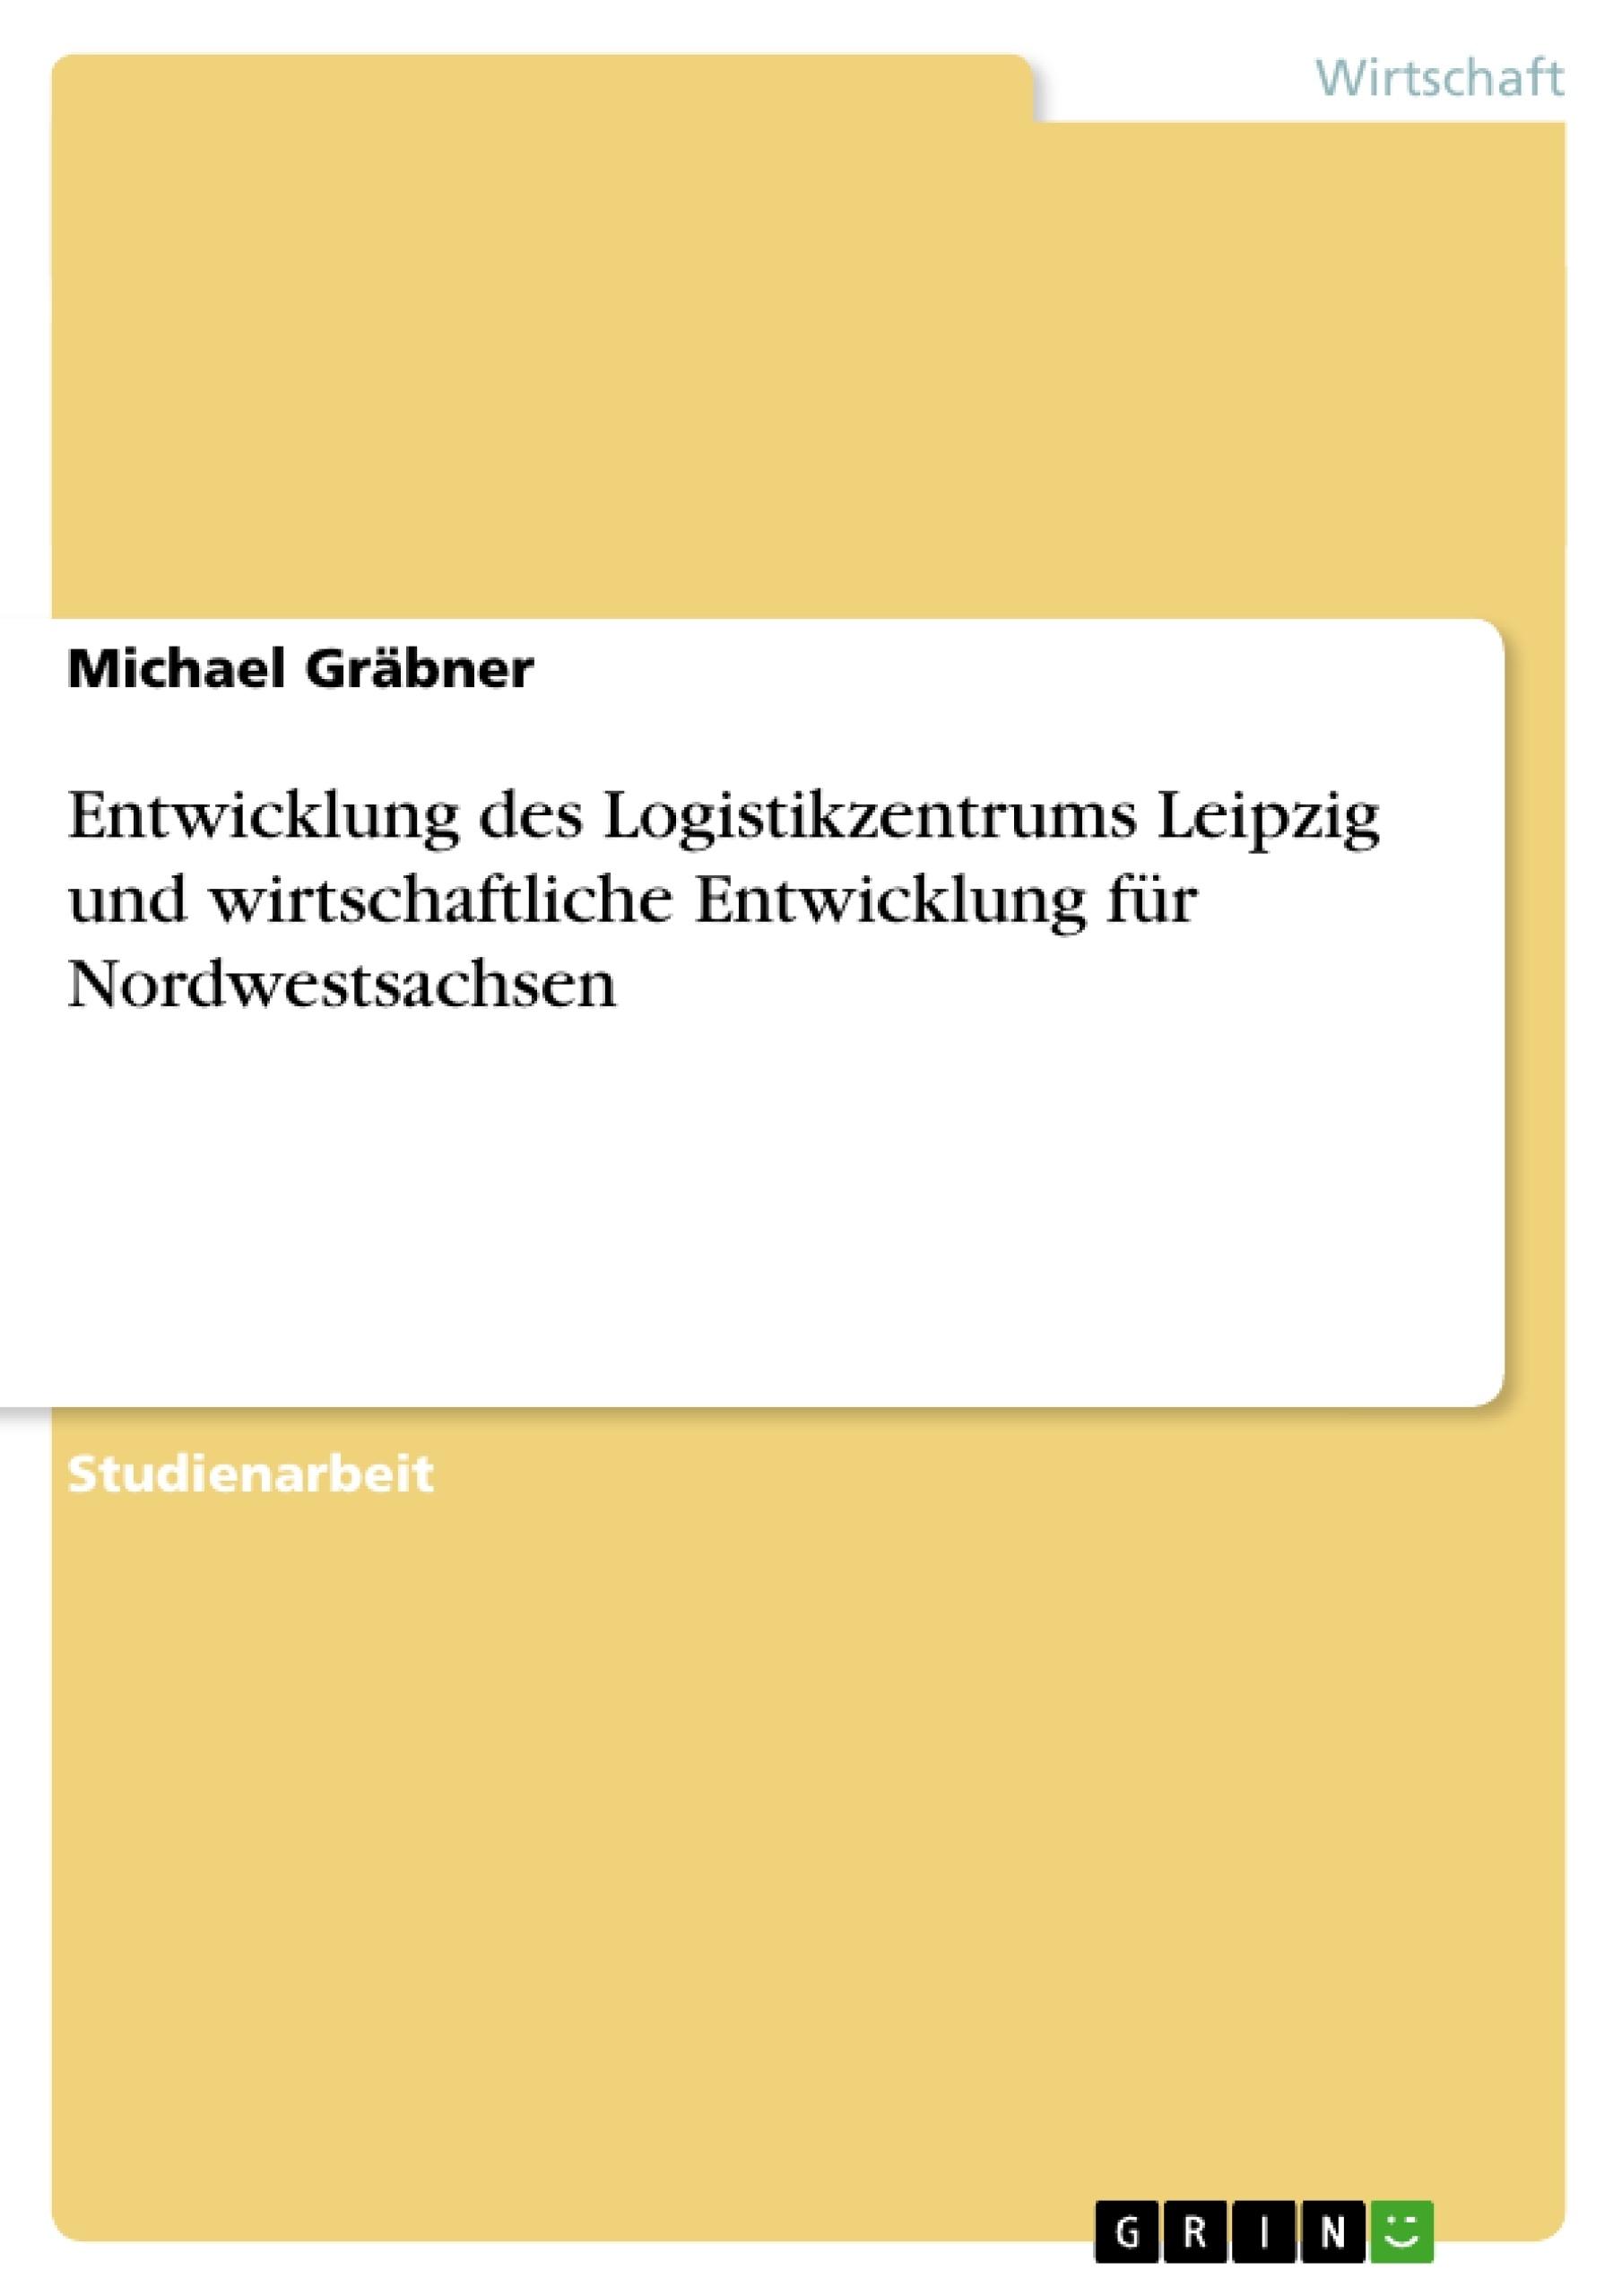 Titel: Entwicklung des Logistikzentrums Leipzig und wirtschaftliche Entwicklung für Nordwestsachsen